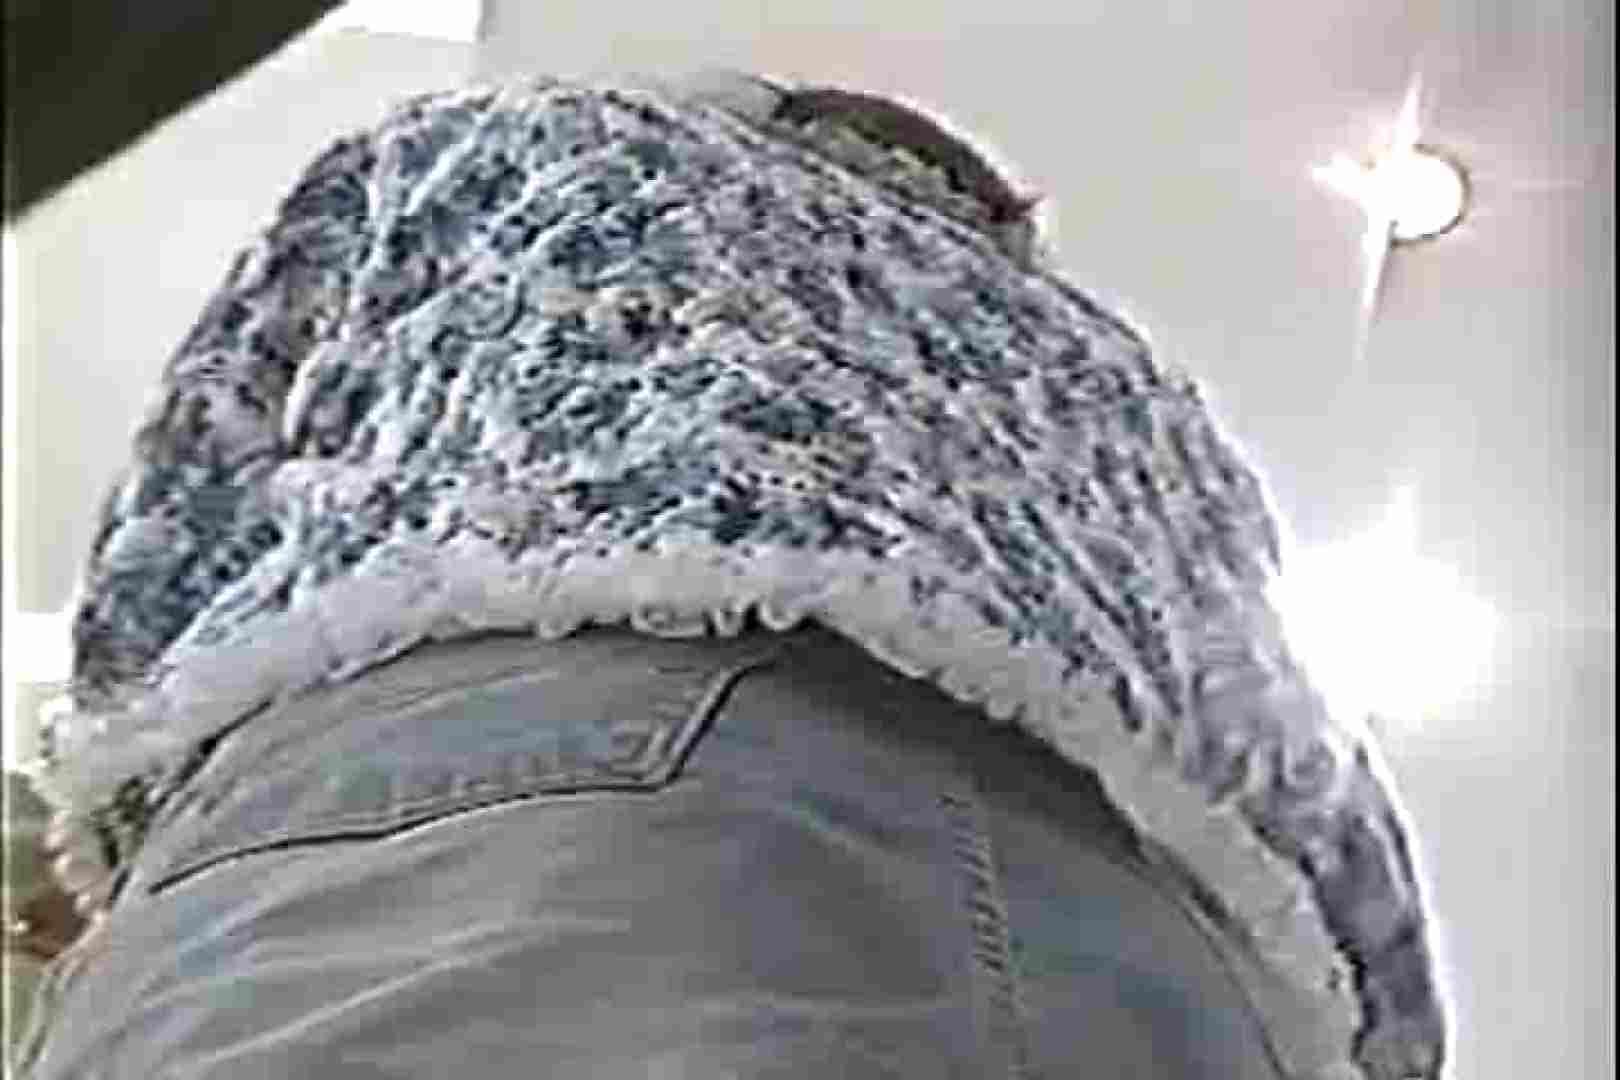 「ちくりん」さんのオリジナル未編集パンチラVol.6_02 美しいOLの裸体 盗み撮り動画キャプチャ 71pic 20